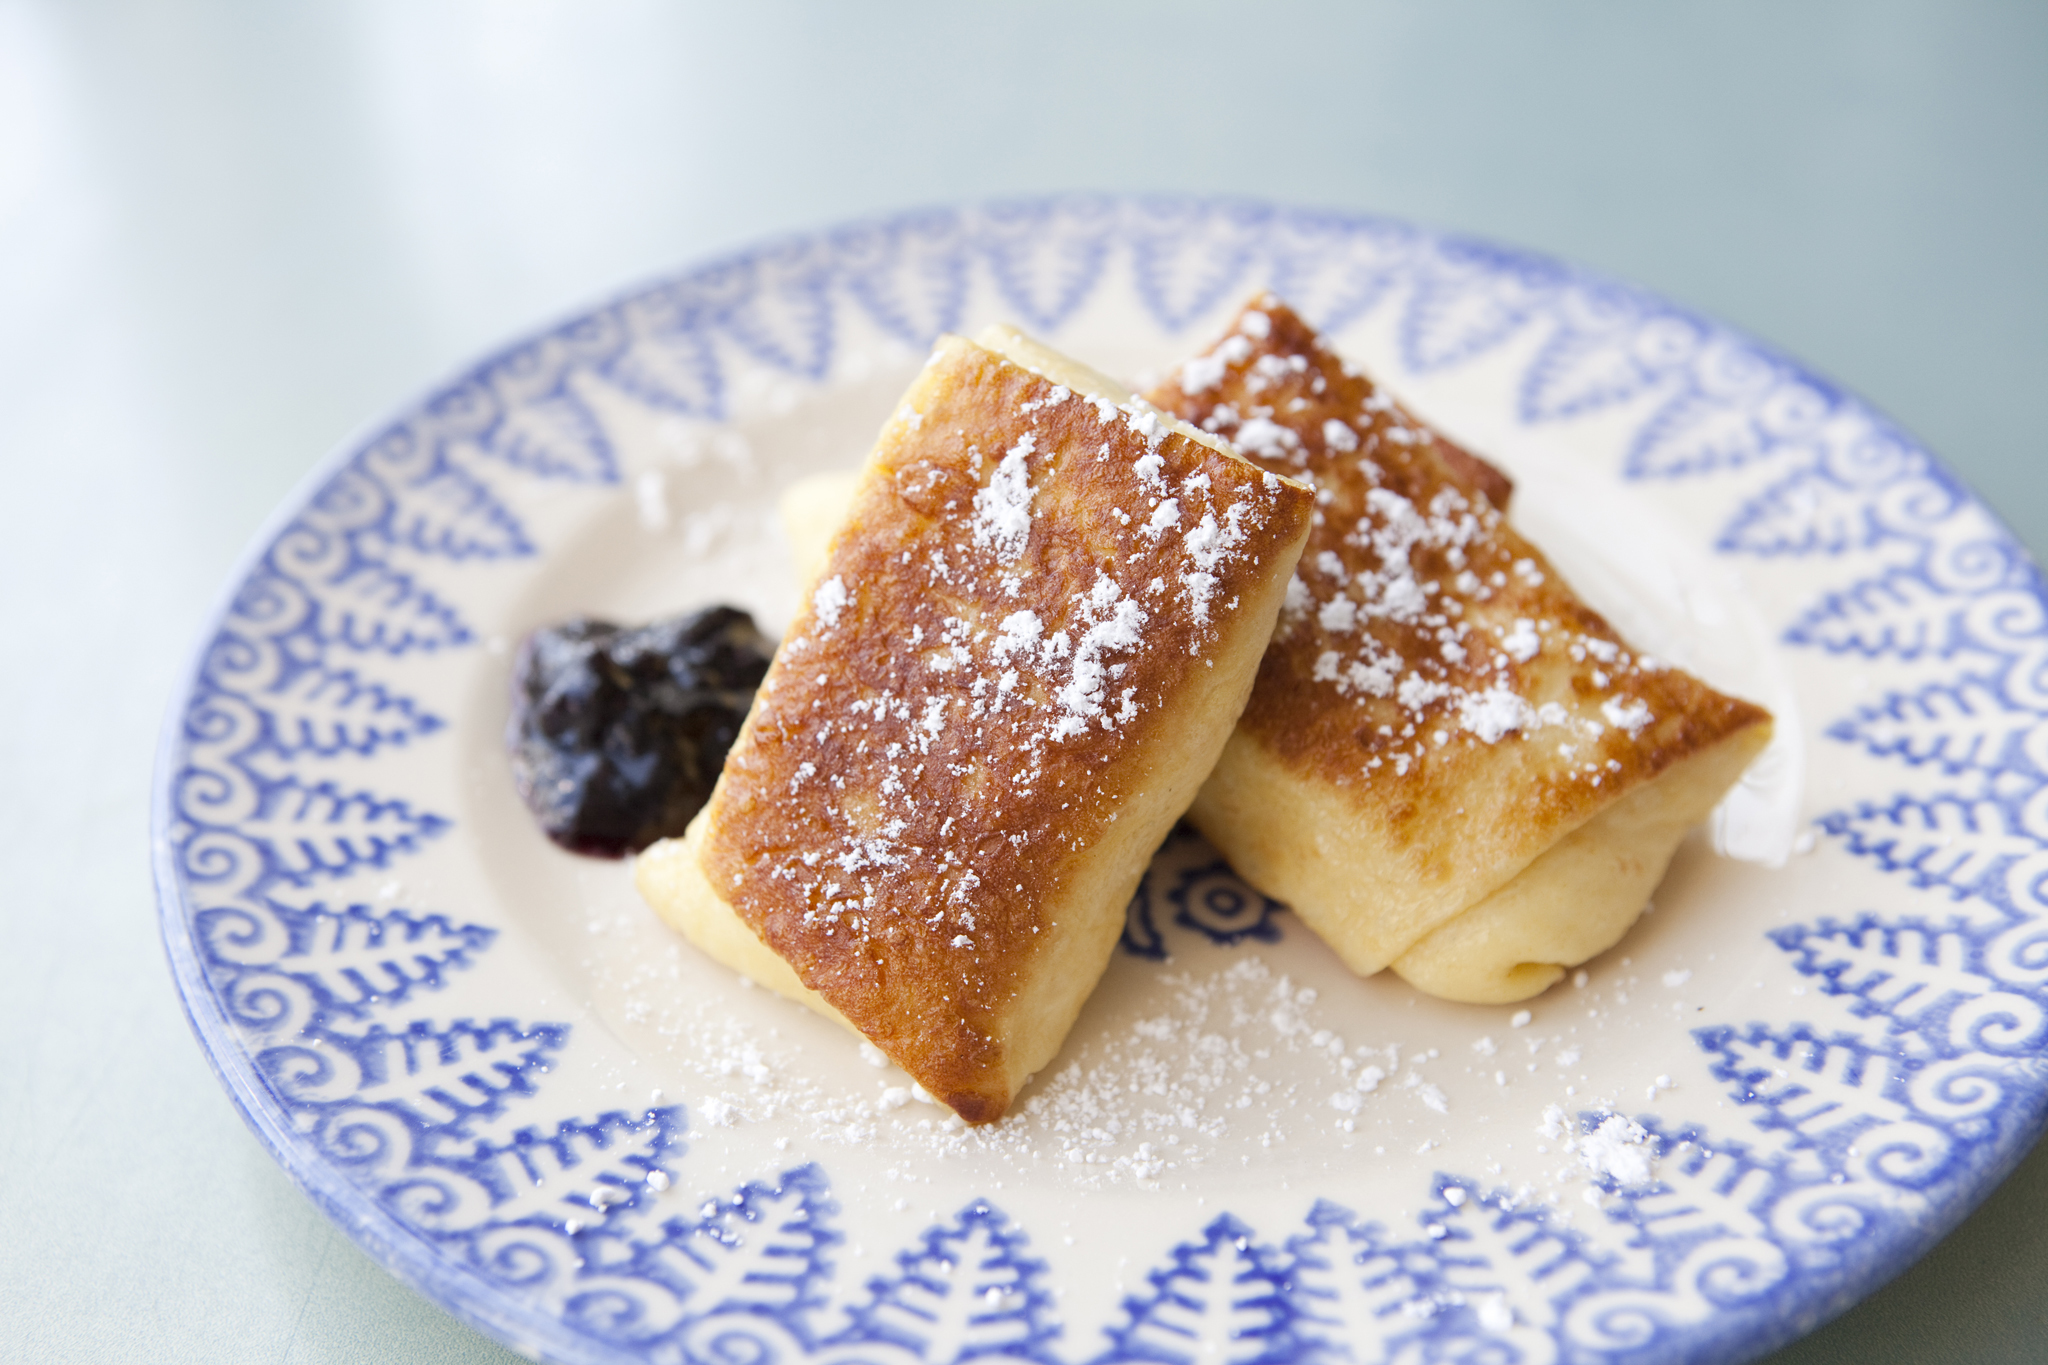 Best dessert from old New York: Barney Greengrass blintzes